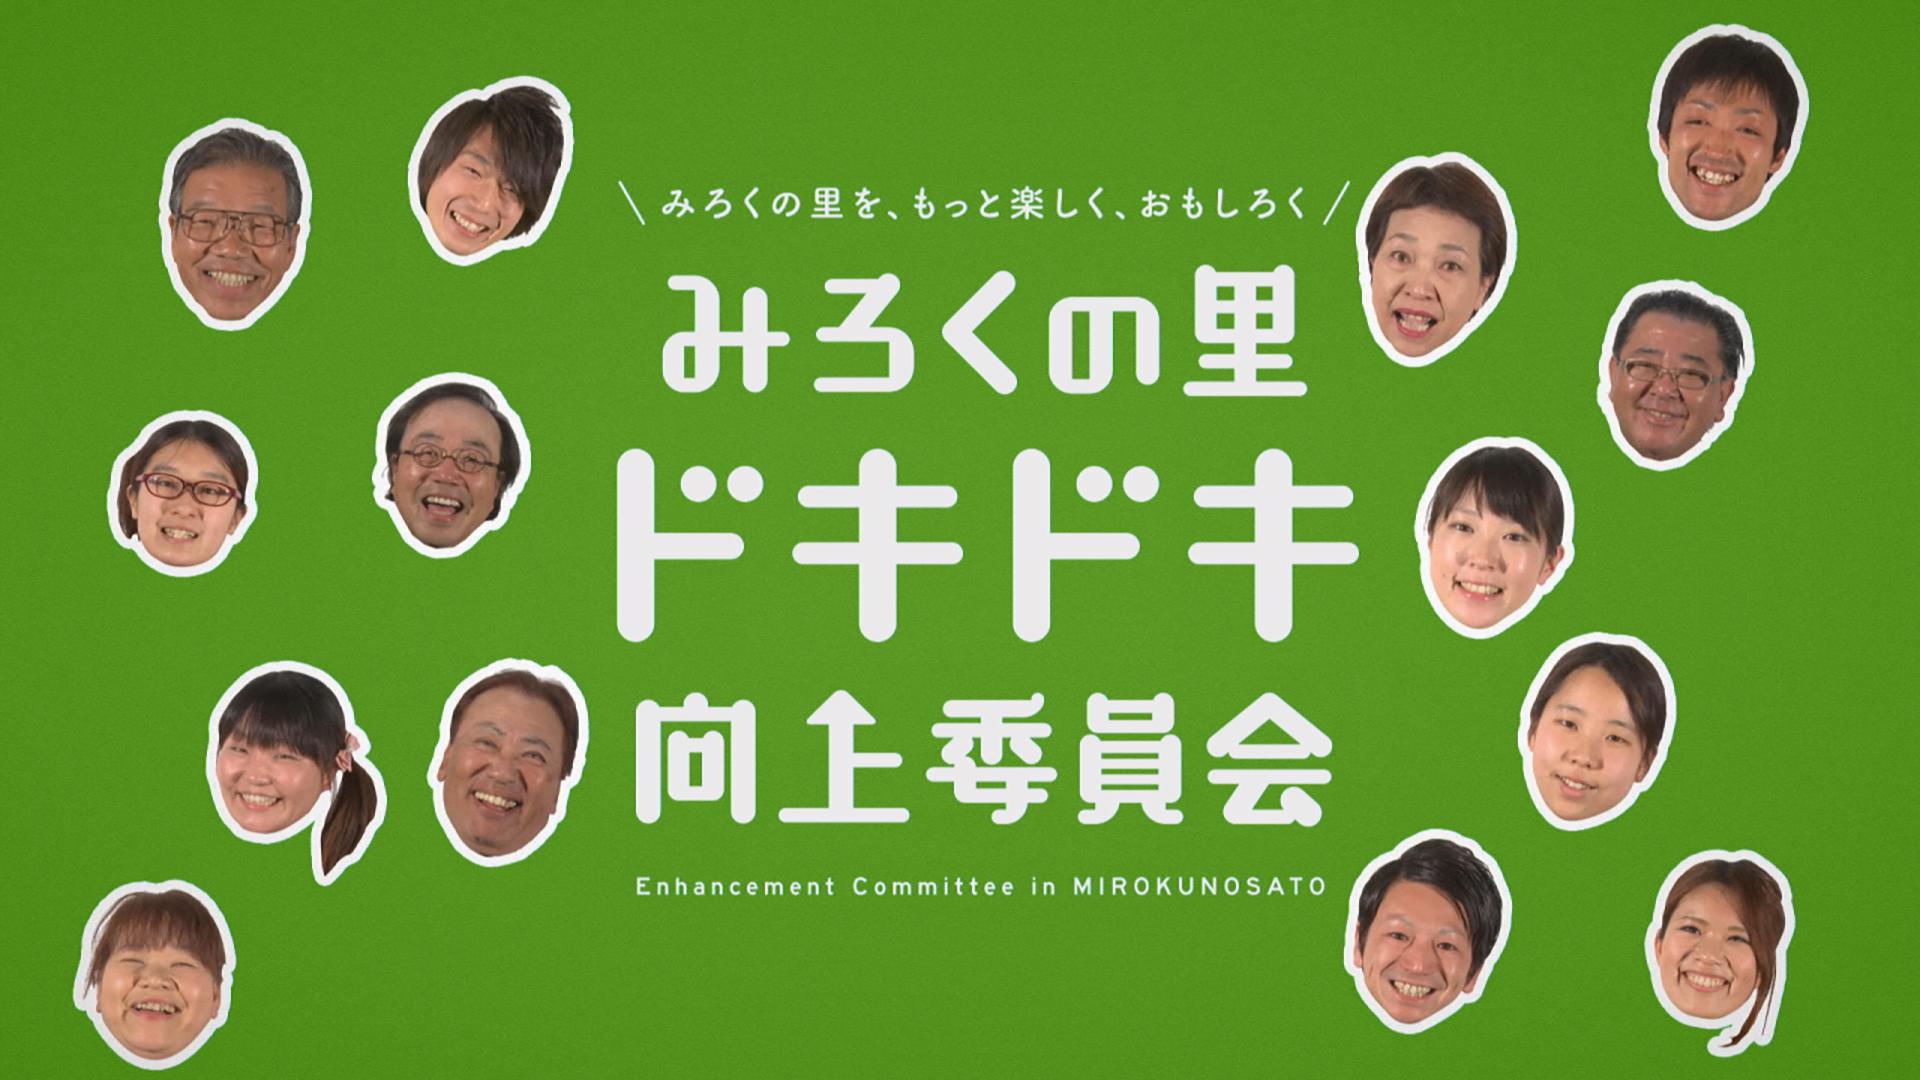 広島東洋カープ セ・リーグ優勝おめでとうキャンペーン。優勝の翌日から3日間限定、カープユニフォーム着用でみろくの里入園無料!